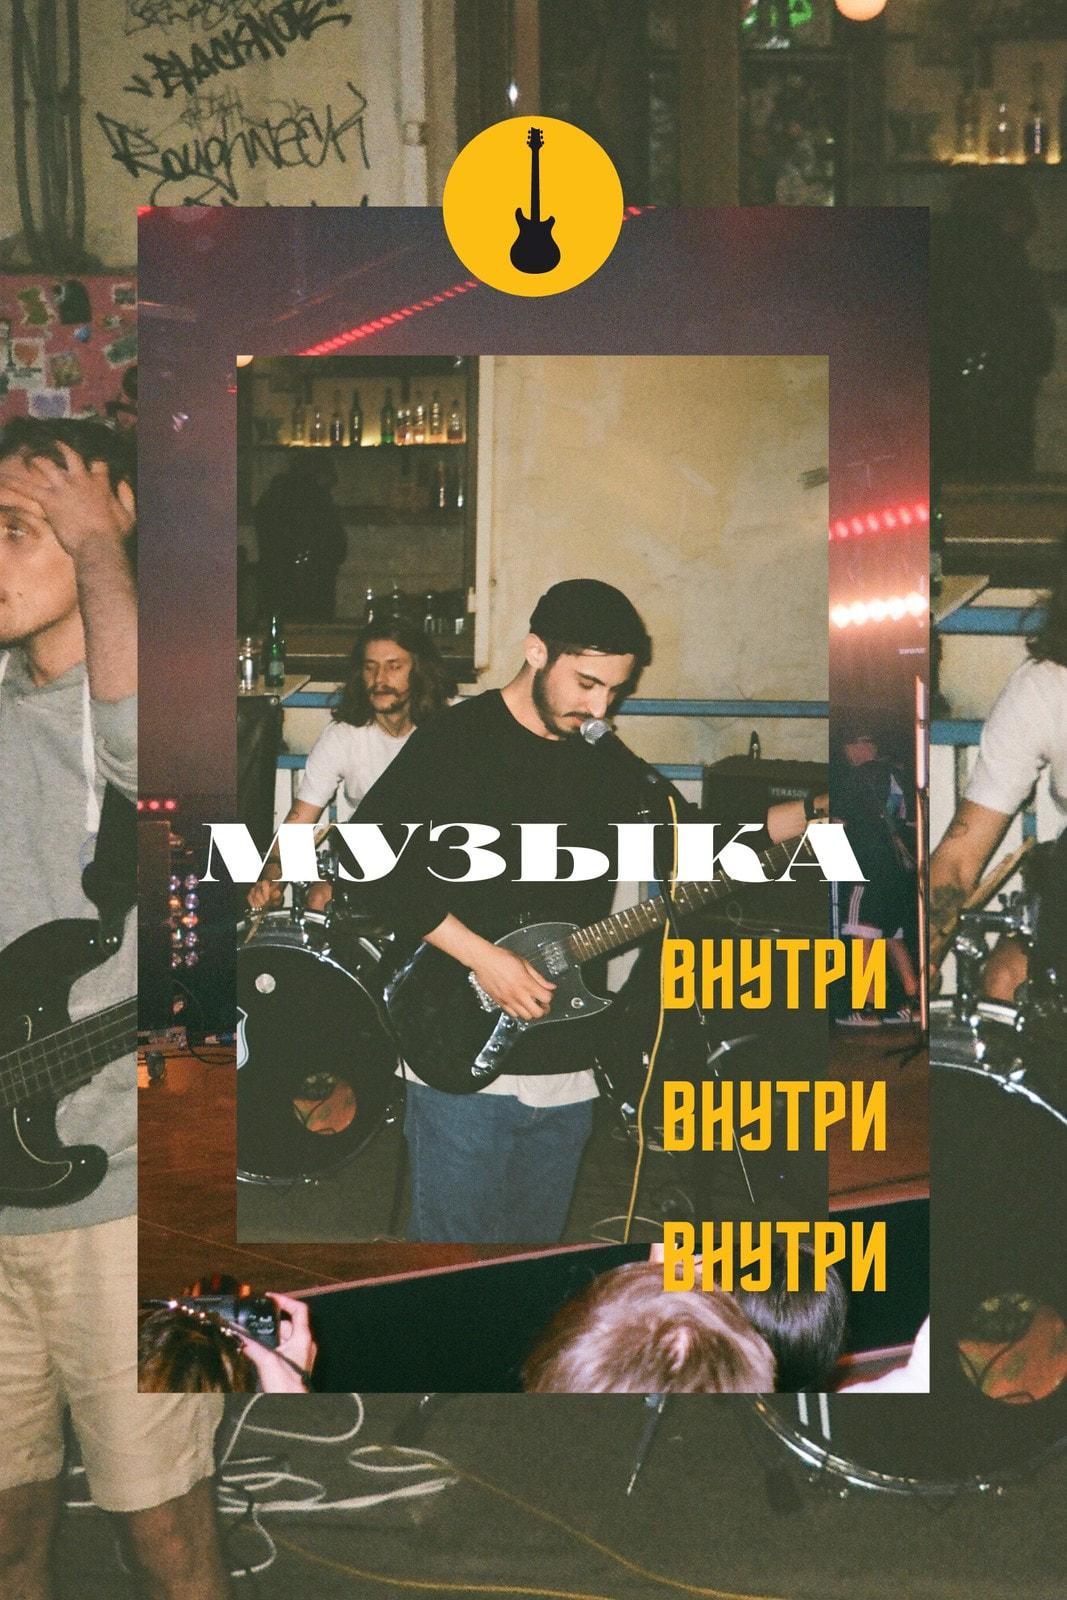 Изображение профиля ВК с фотографиями музыкантов и белой и желтой надписью